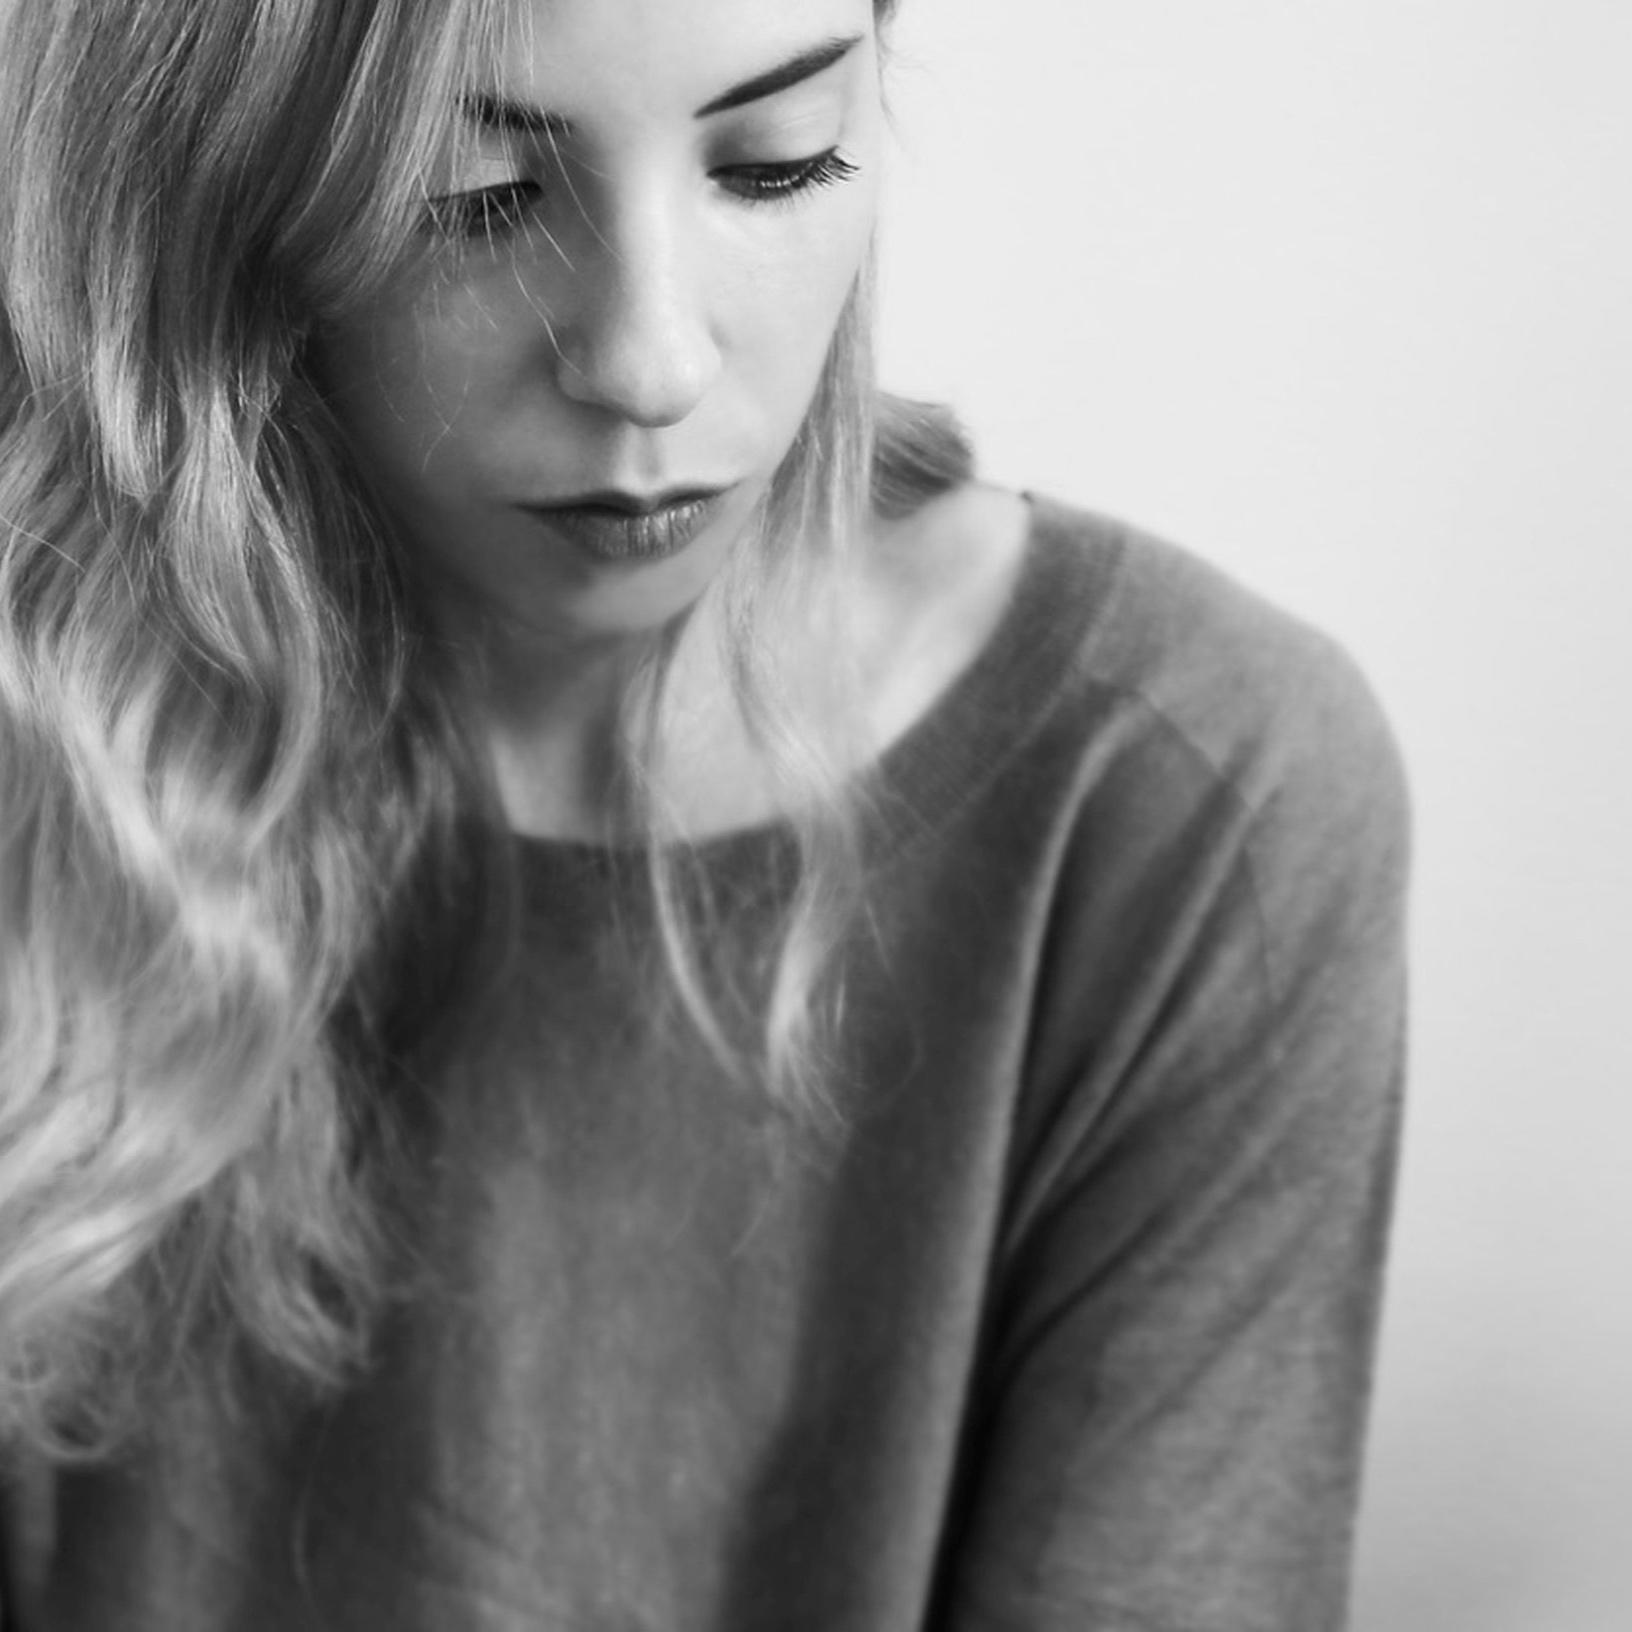 Ioanna+Souflia.jpg